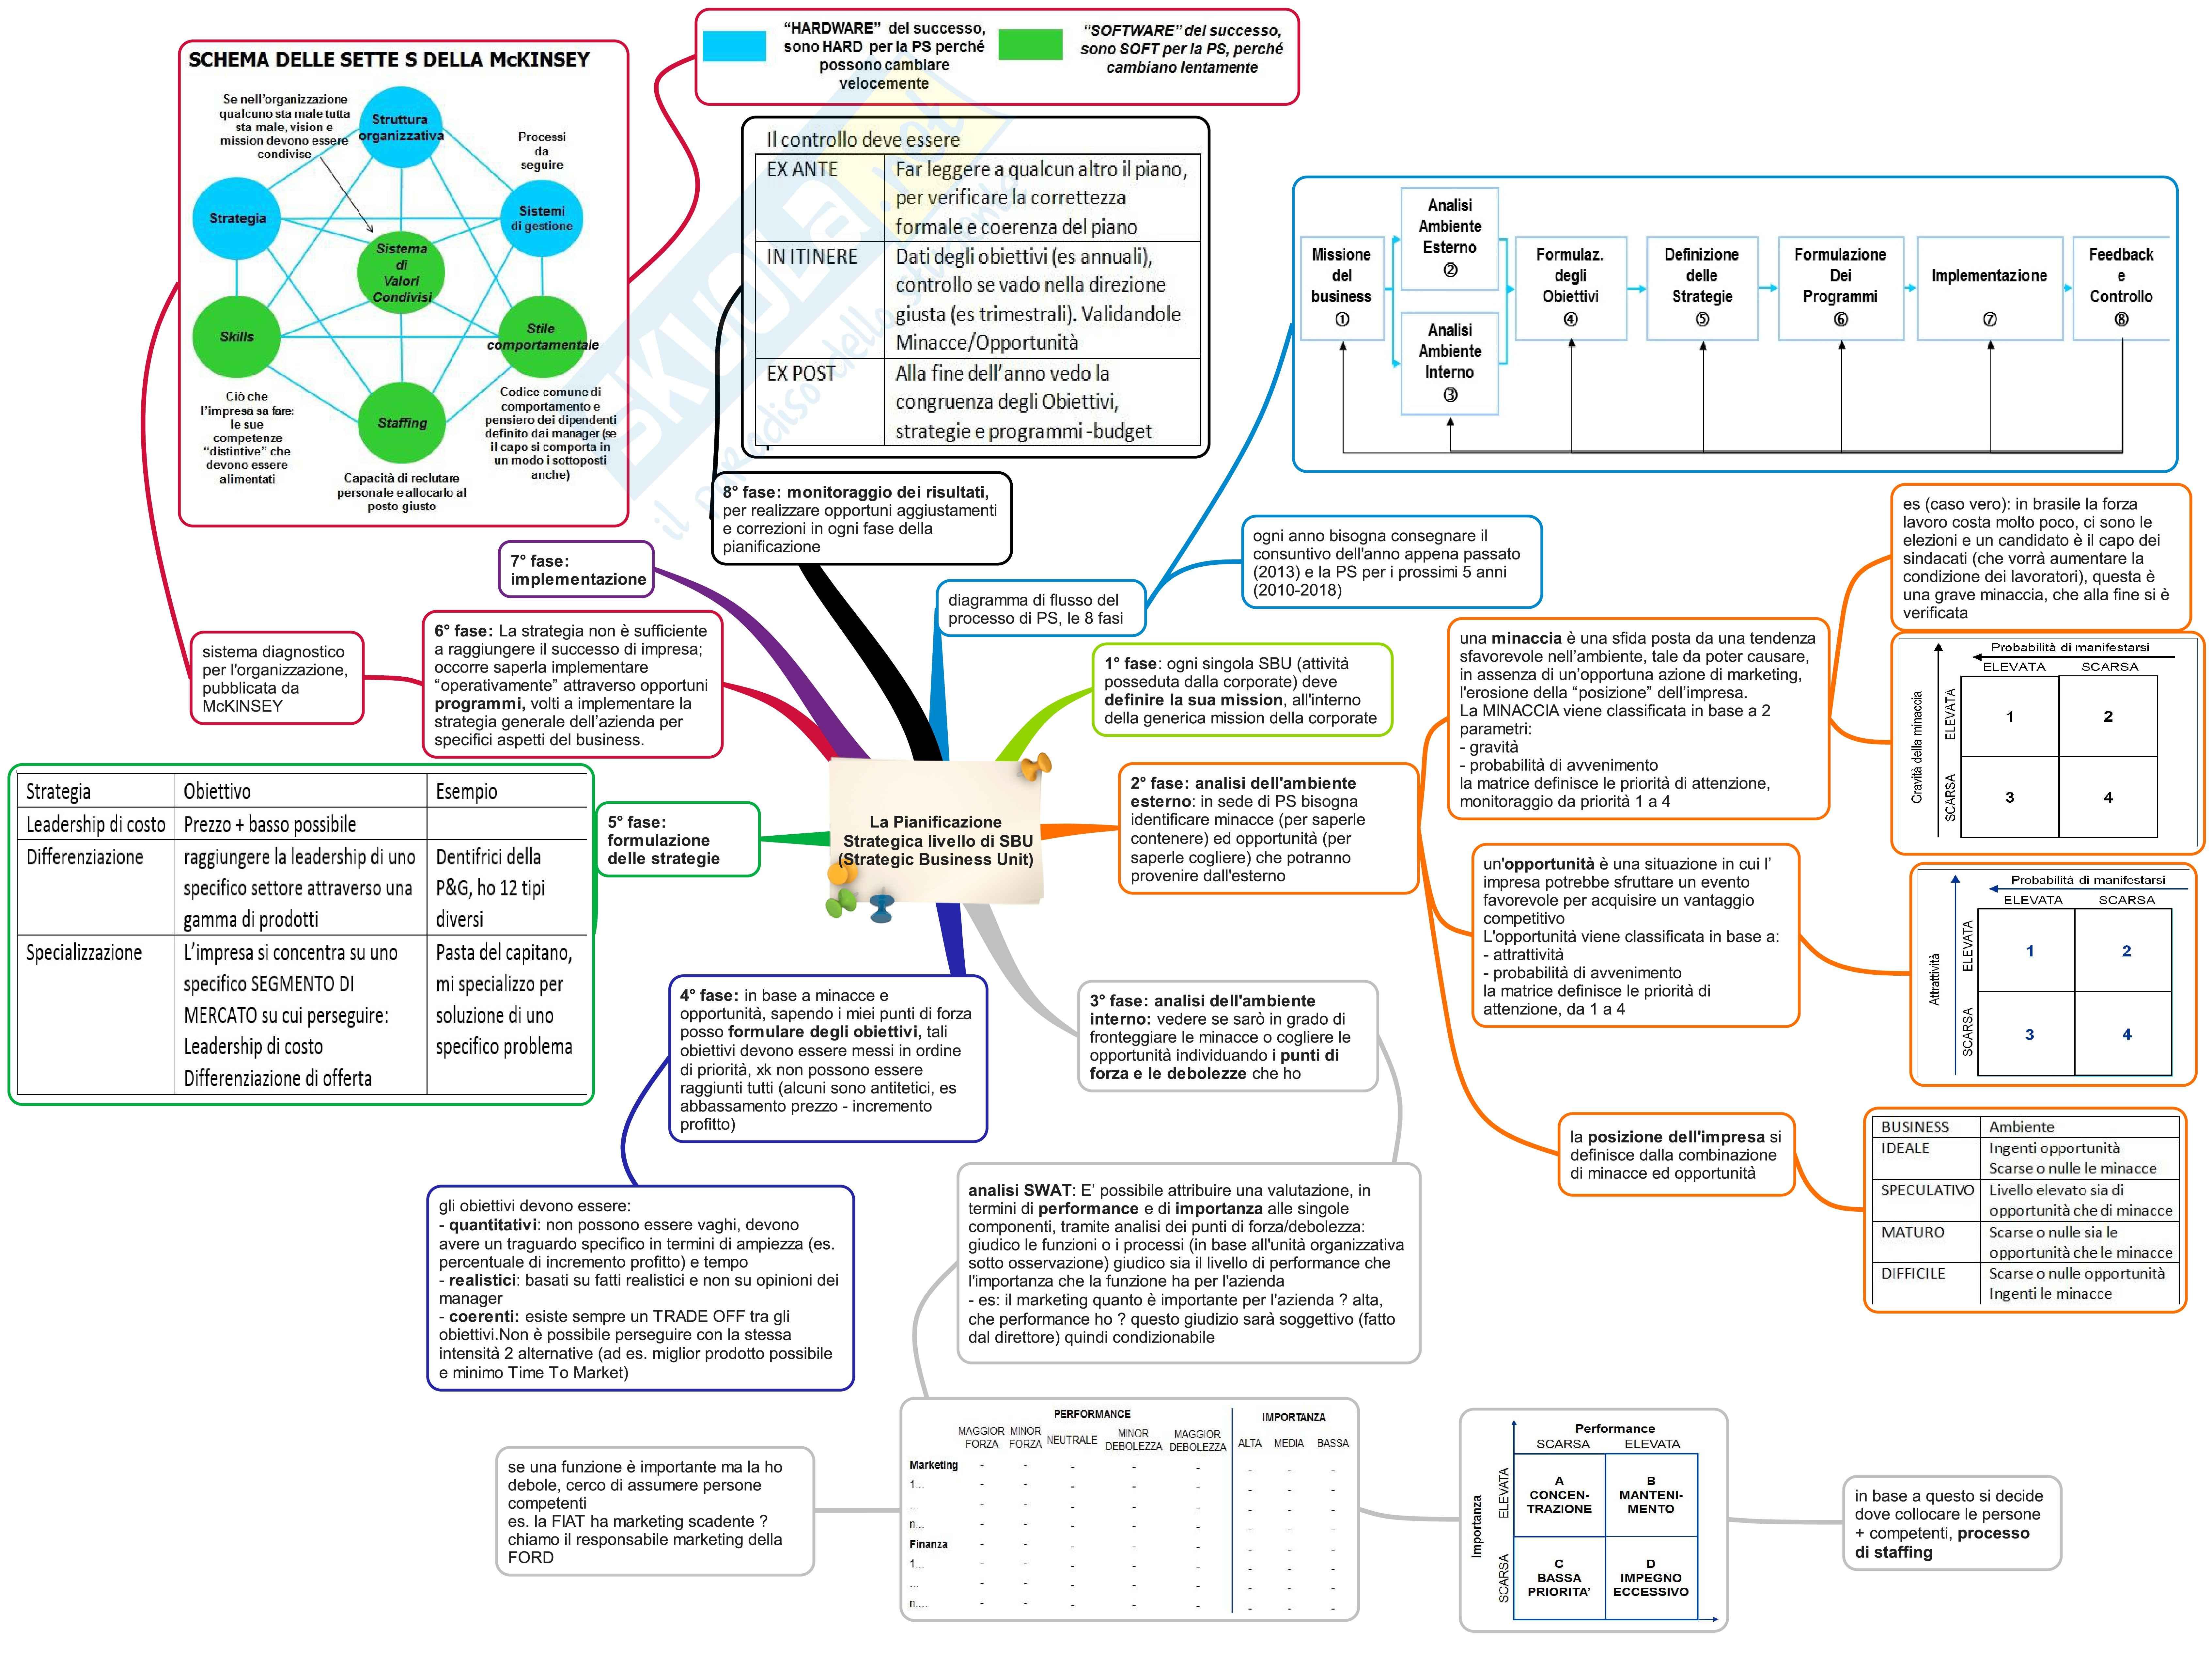 Fondamenti di marketing - schemi suntivi, prof. D'Angelo Pag. 6